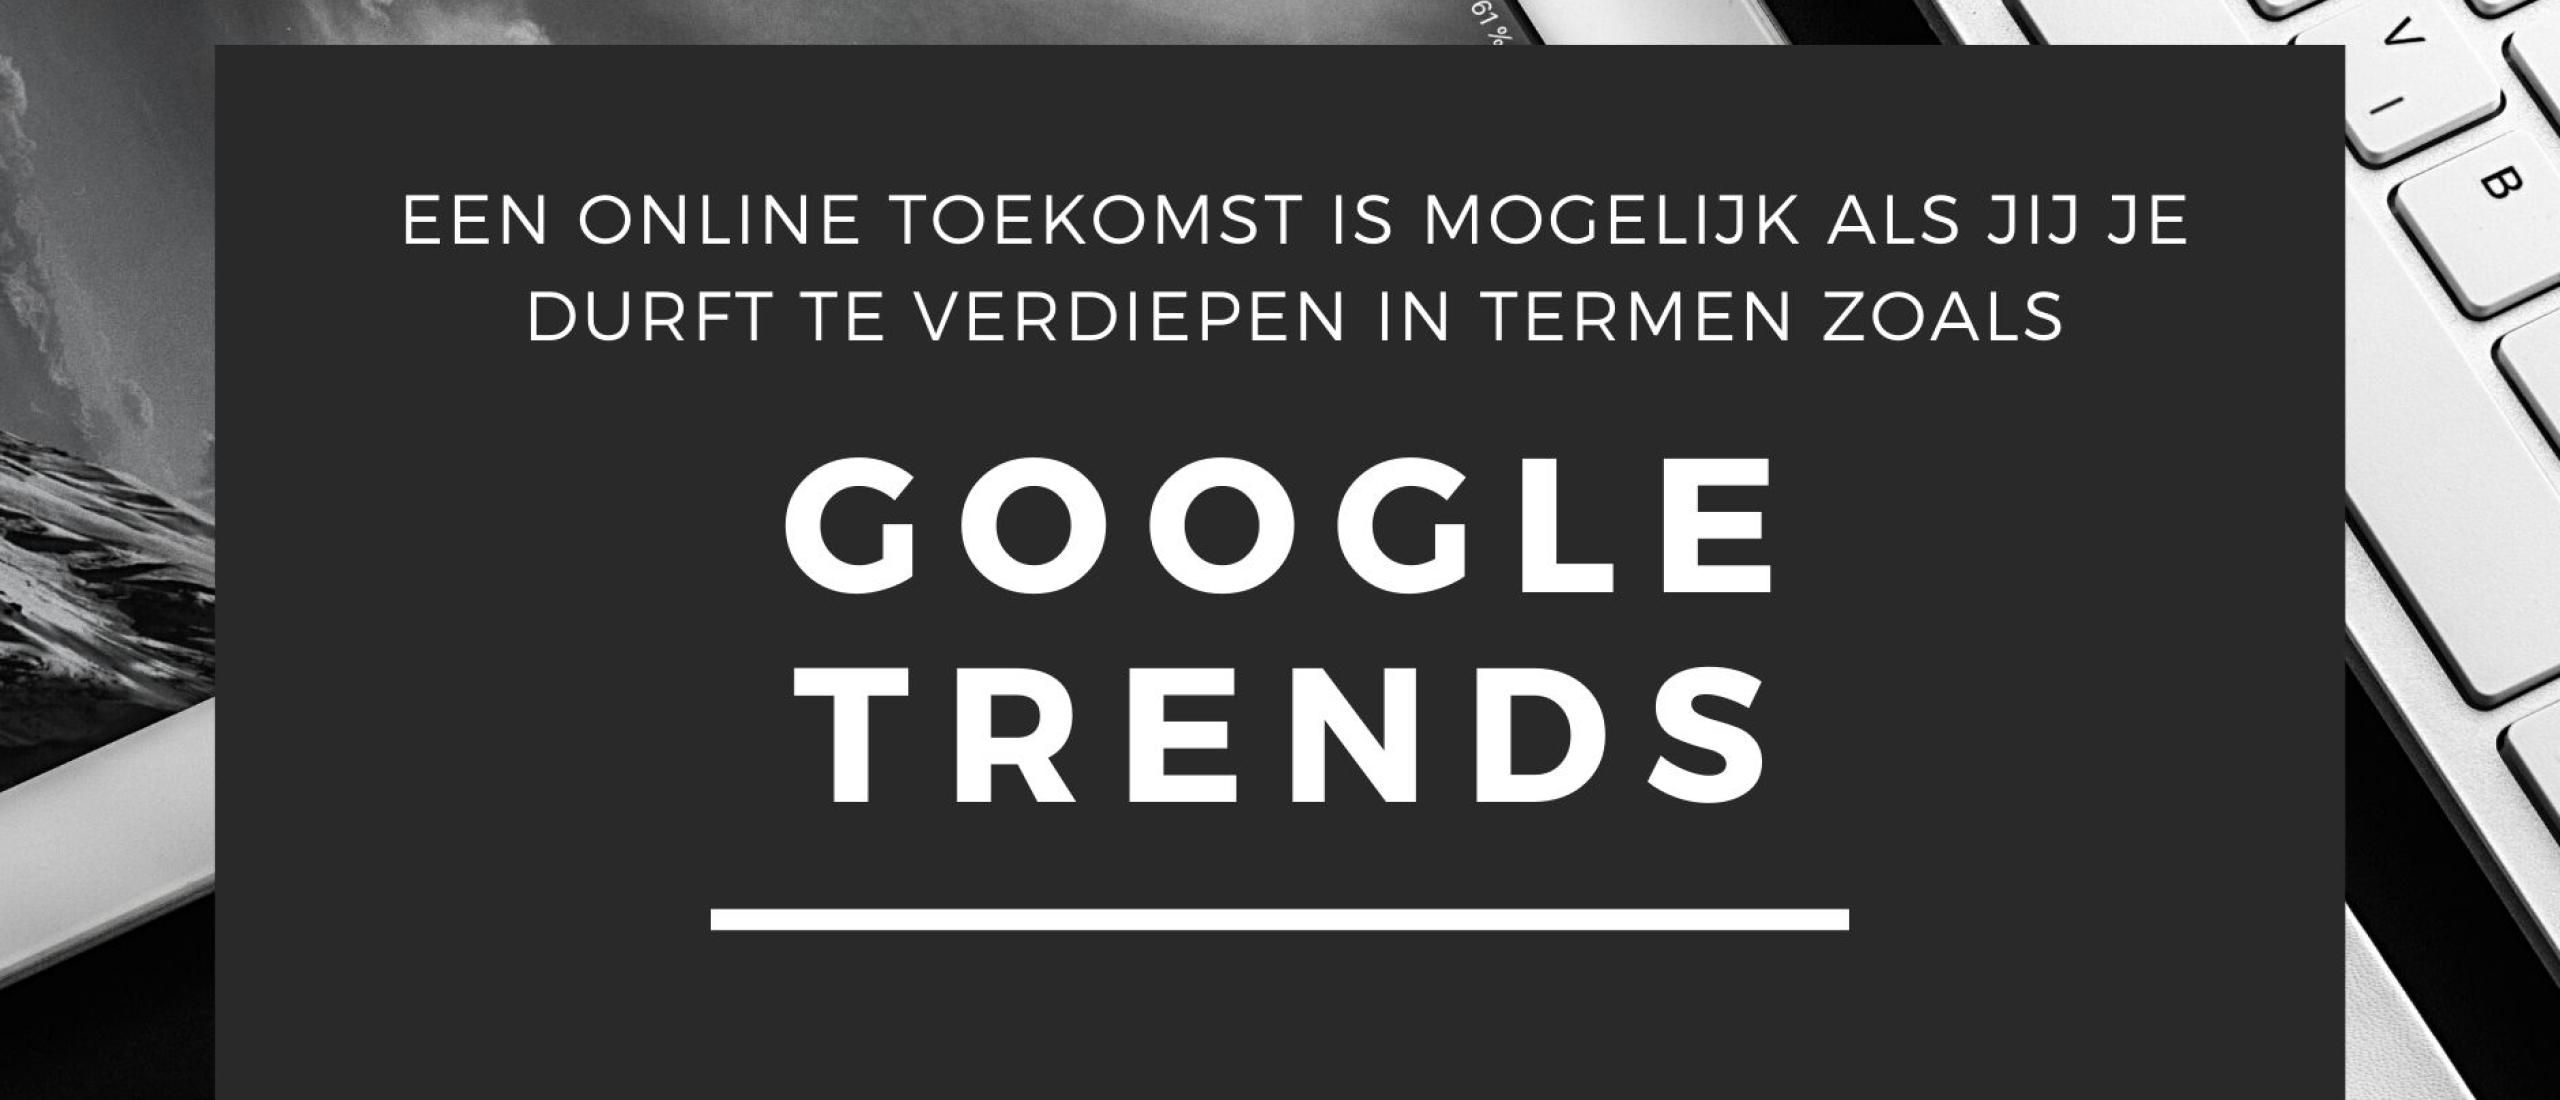 Google Trends Marktonderzoek